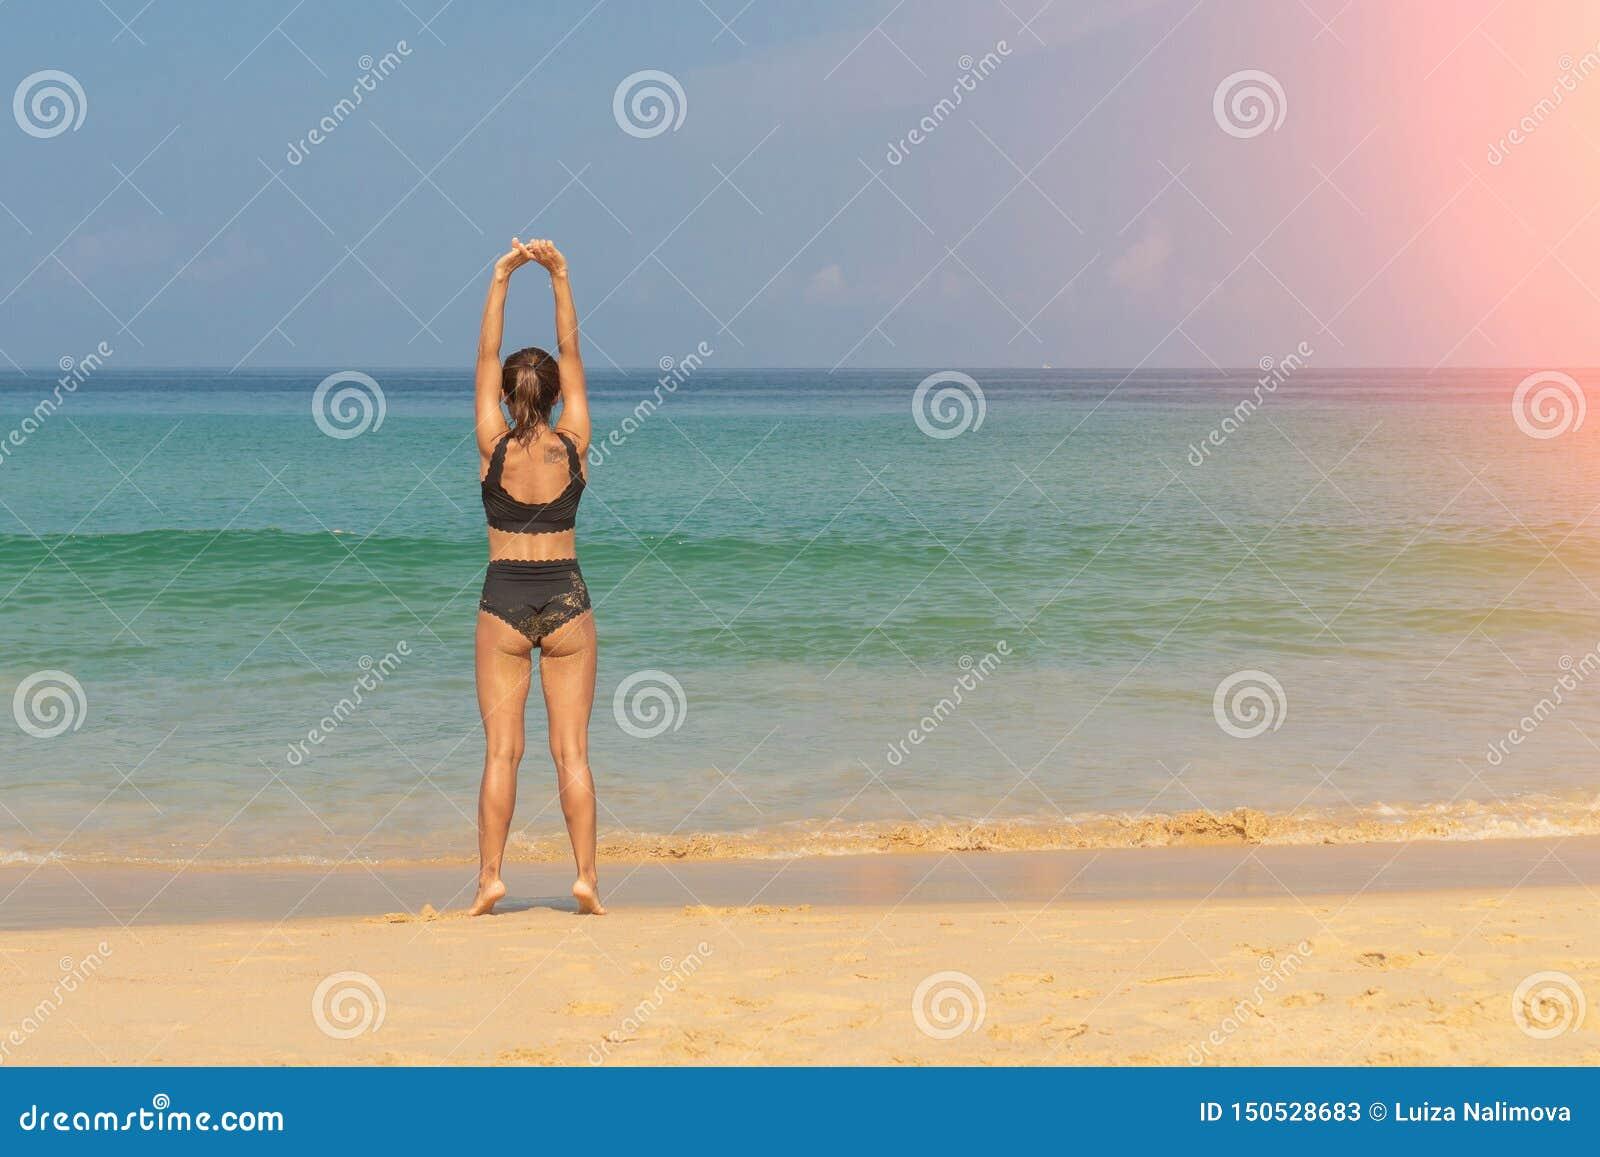 Phuket, Tailandia - 30 de marzo de 2019: Muchacha delgada en un bañador negro con un tatuaje en su hombro que hace la yoga Pilate